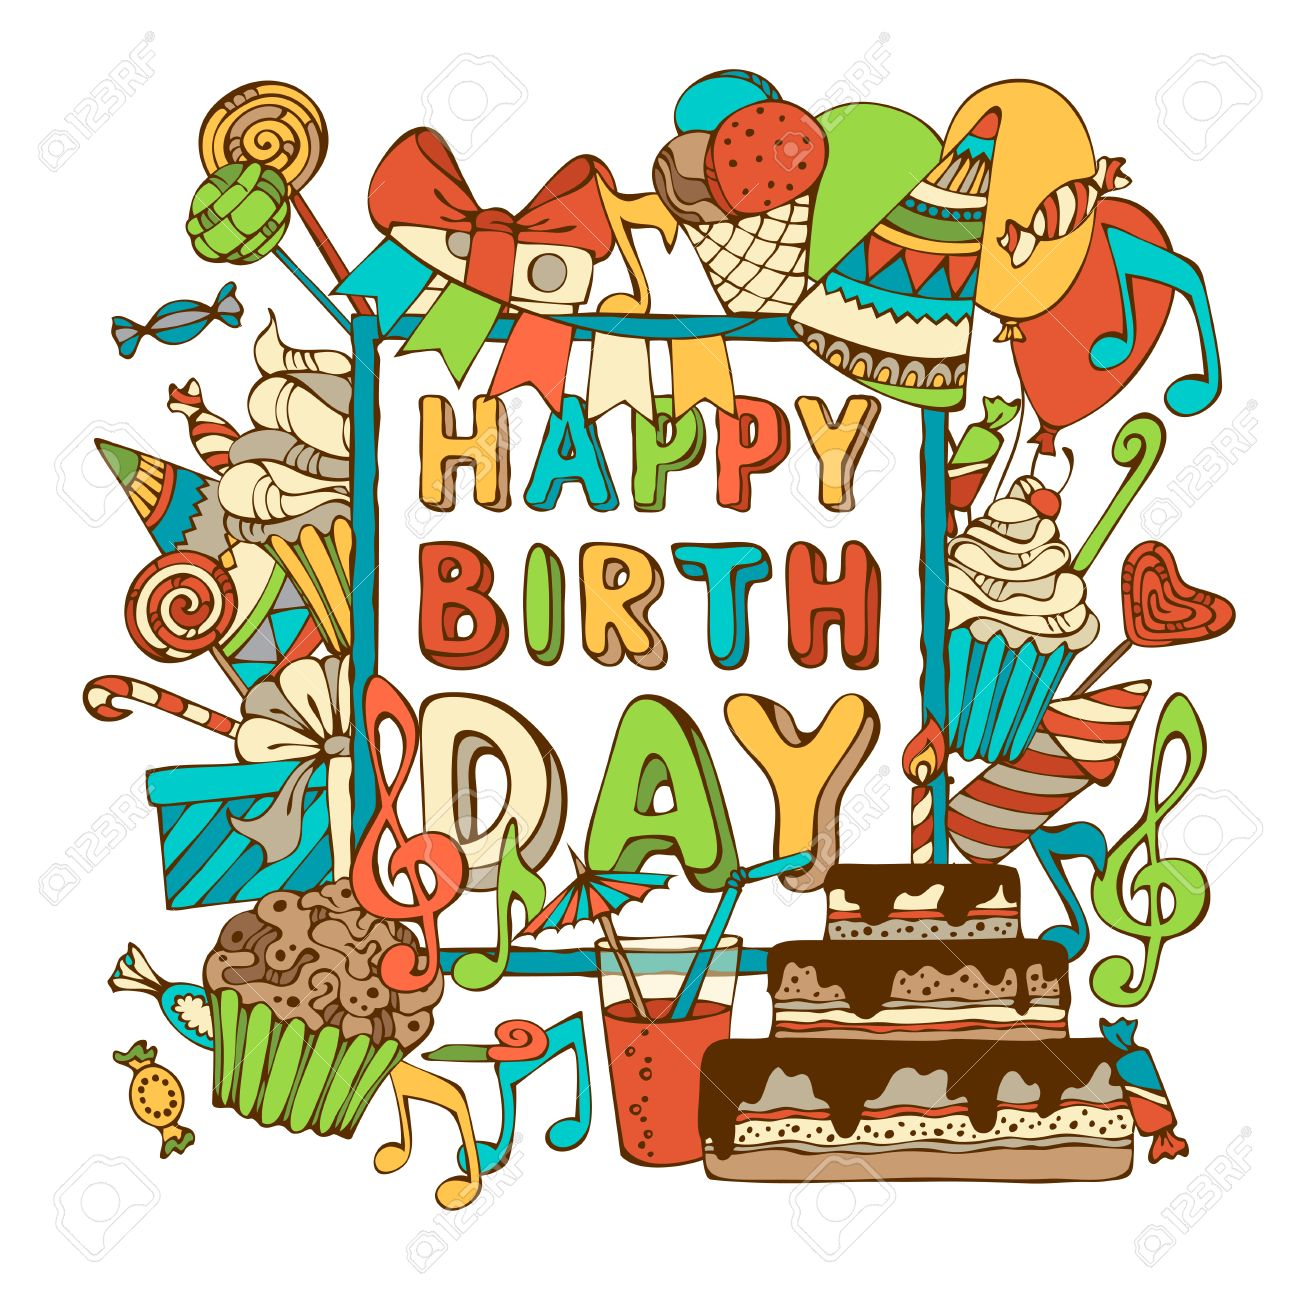 Vector De La Tarjeta Del Feliz Cumpleaños Dibujado A Mano Dulces De Cumpleaños Party Los Escapes Sombreros De Fiesta Cajas De Regalo Y Arcos